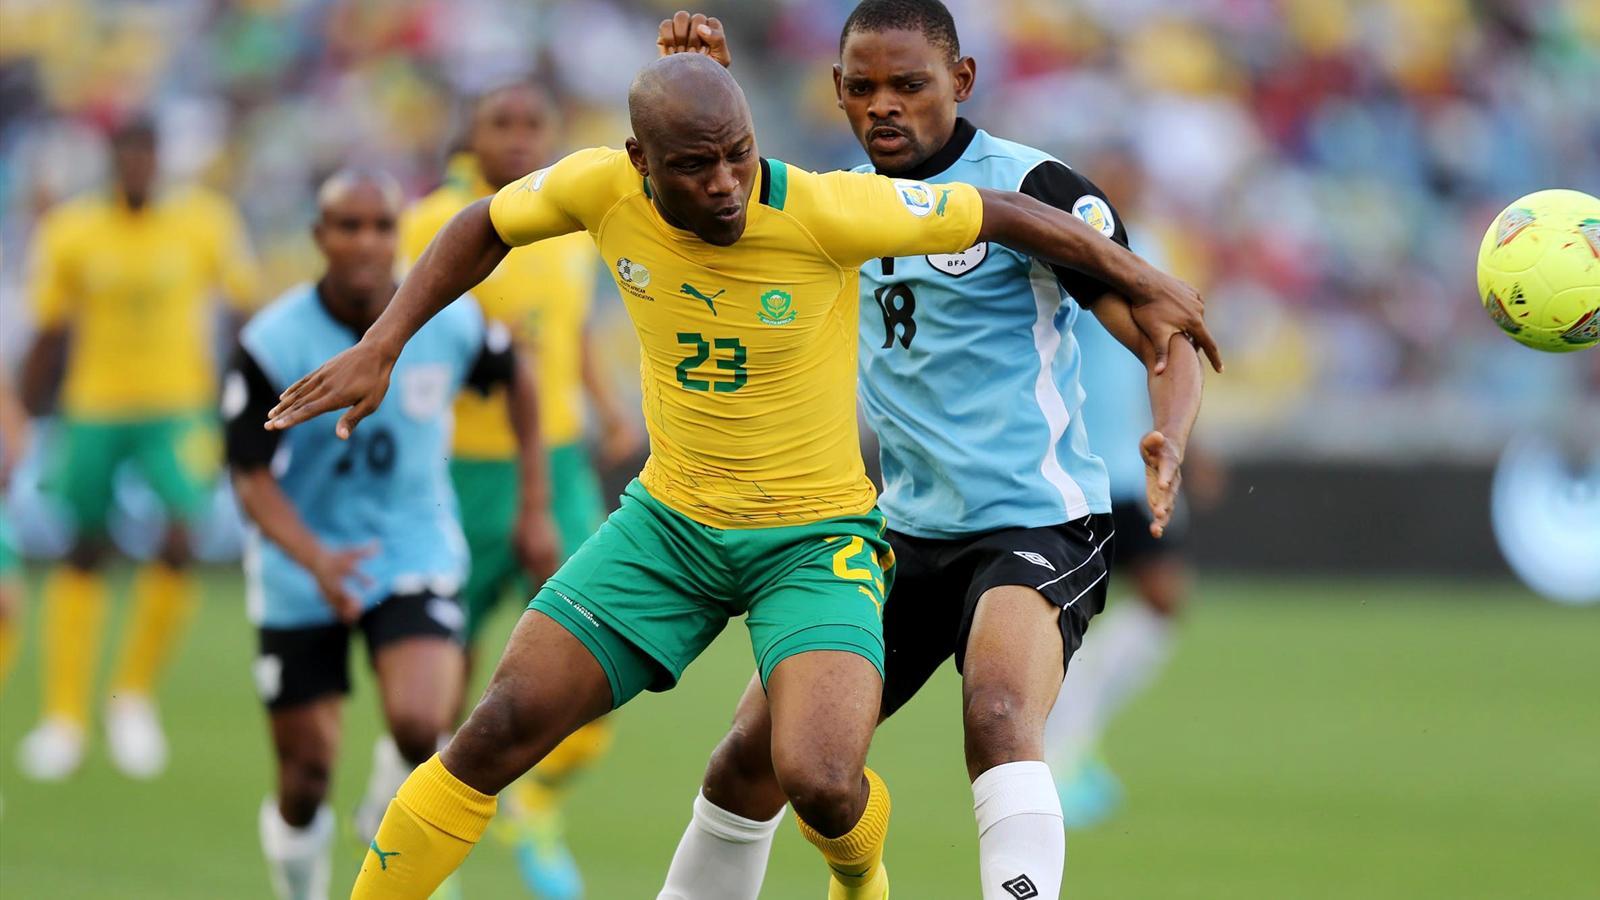 Mondial 2014 zone afrique l 39 afrique du sud et la tunisie au tapis qualif coupe du monde - Qualification coupe du monde afrique ...